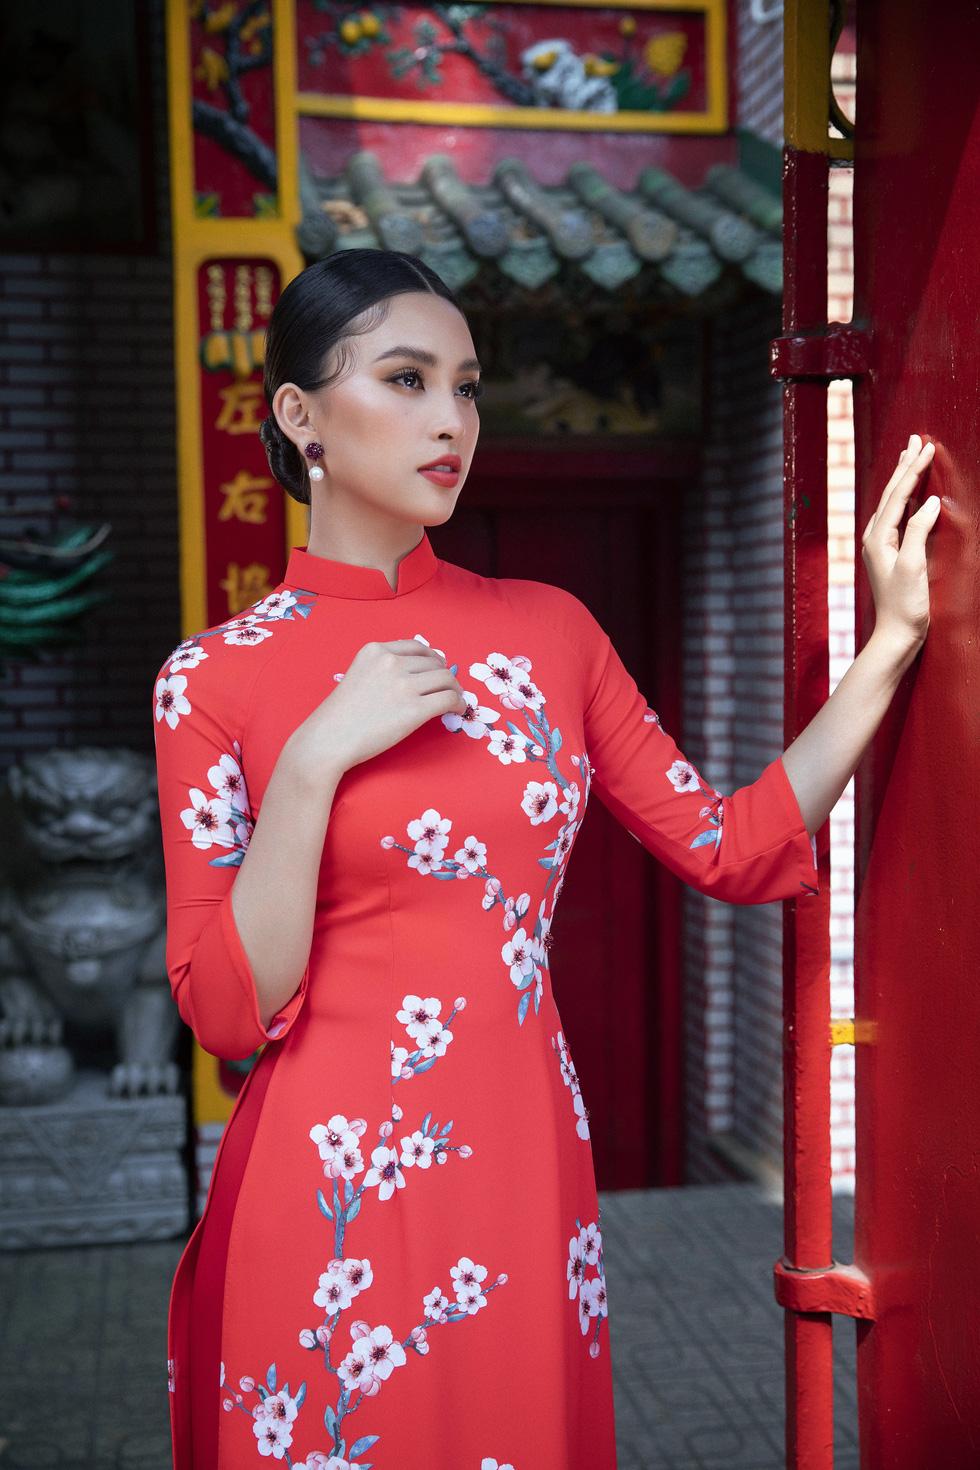 Ngắm Hoa hậu Tiểu Vy trong những tà áo dài sắc hồng, đỏ du xuân - Ảnh 5.